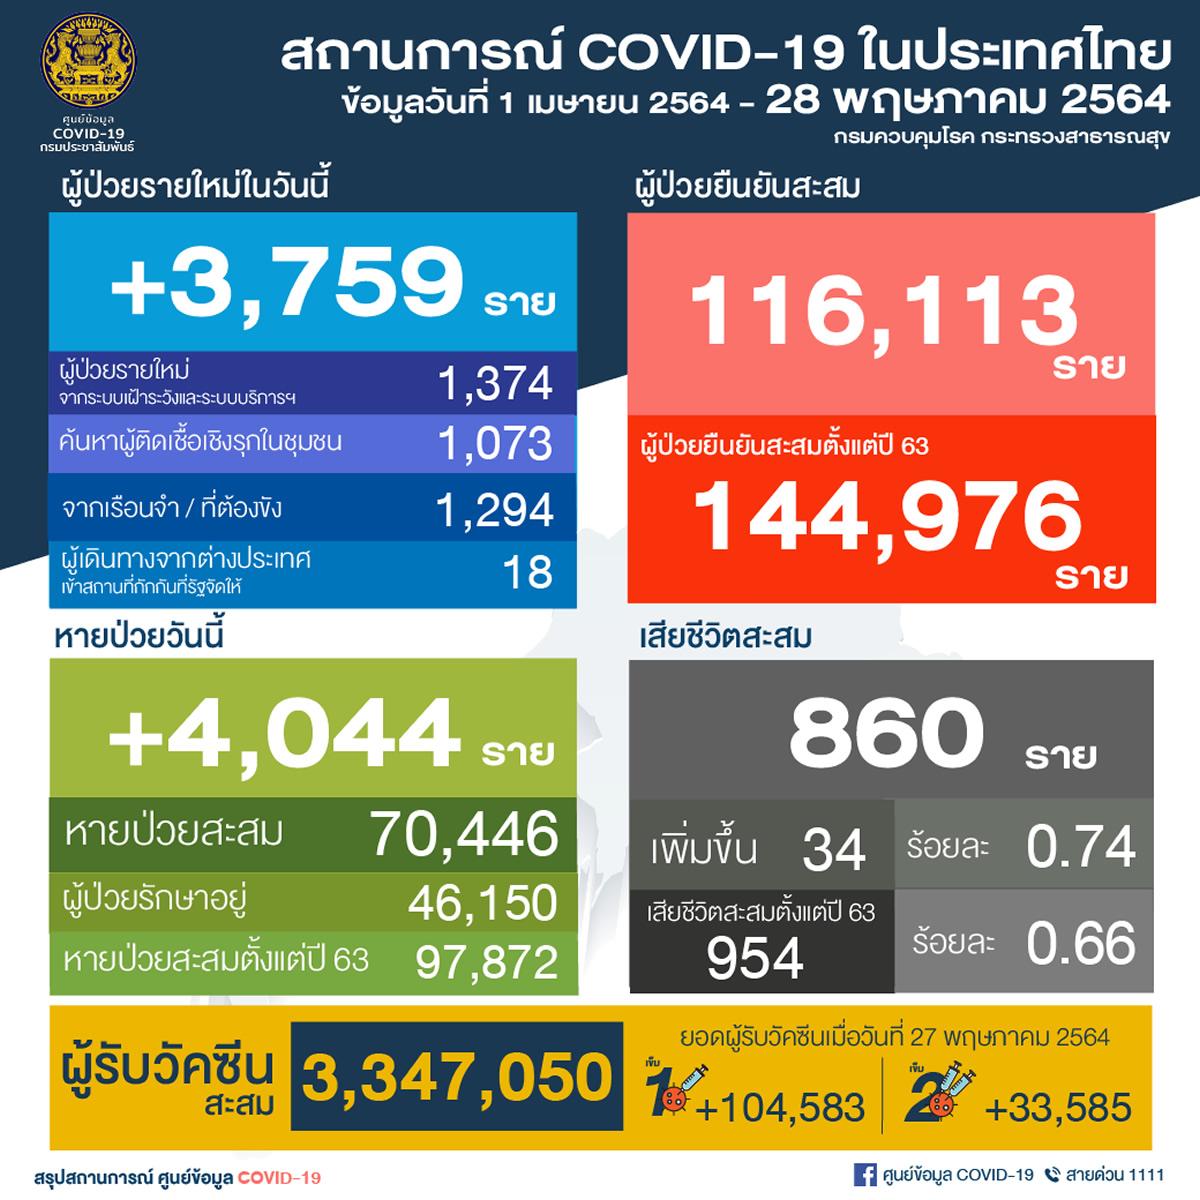 タイで新たに陽性3,759人/ バンコク都973人/刑務所1,294人/死亡34人[2021年5月28日発表]